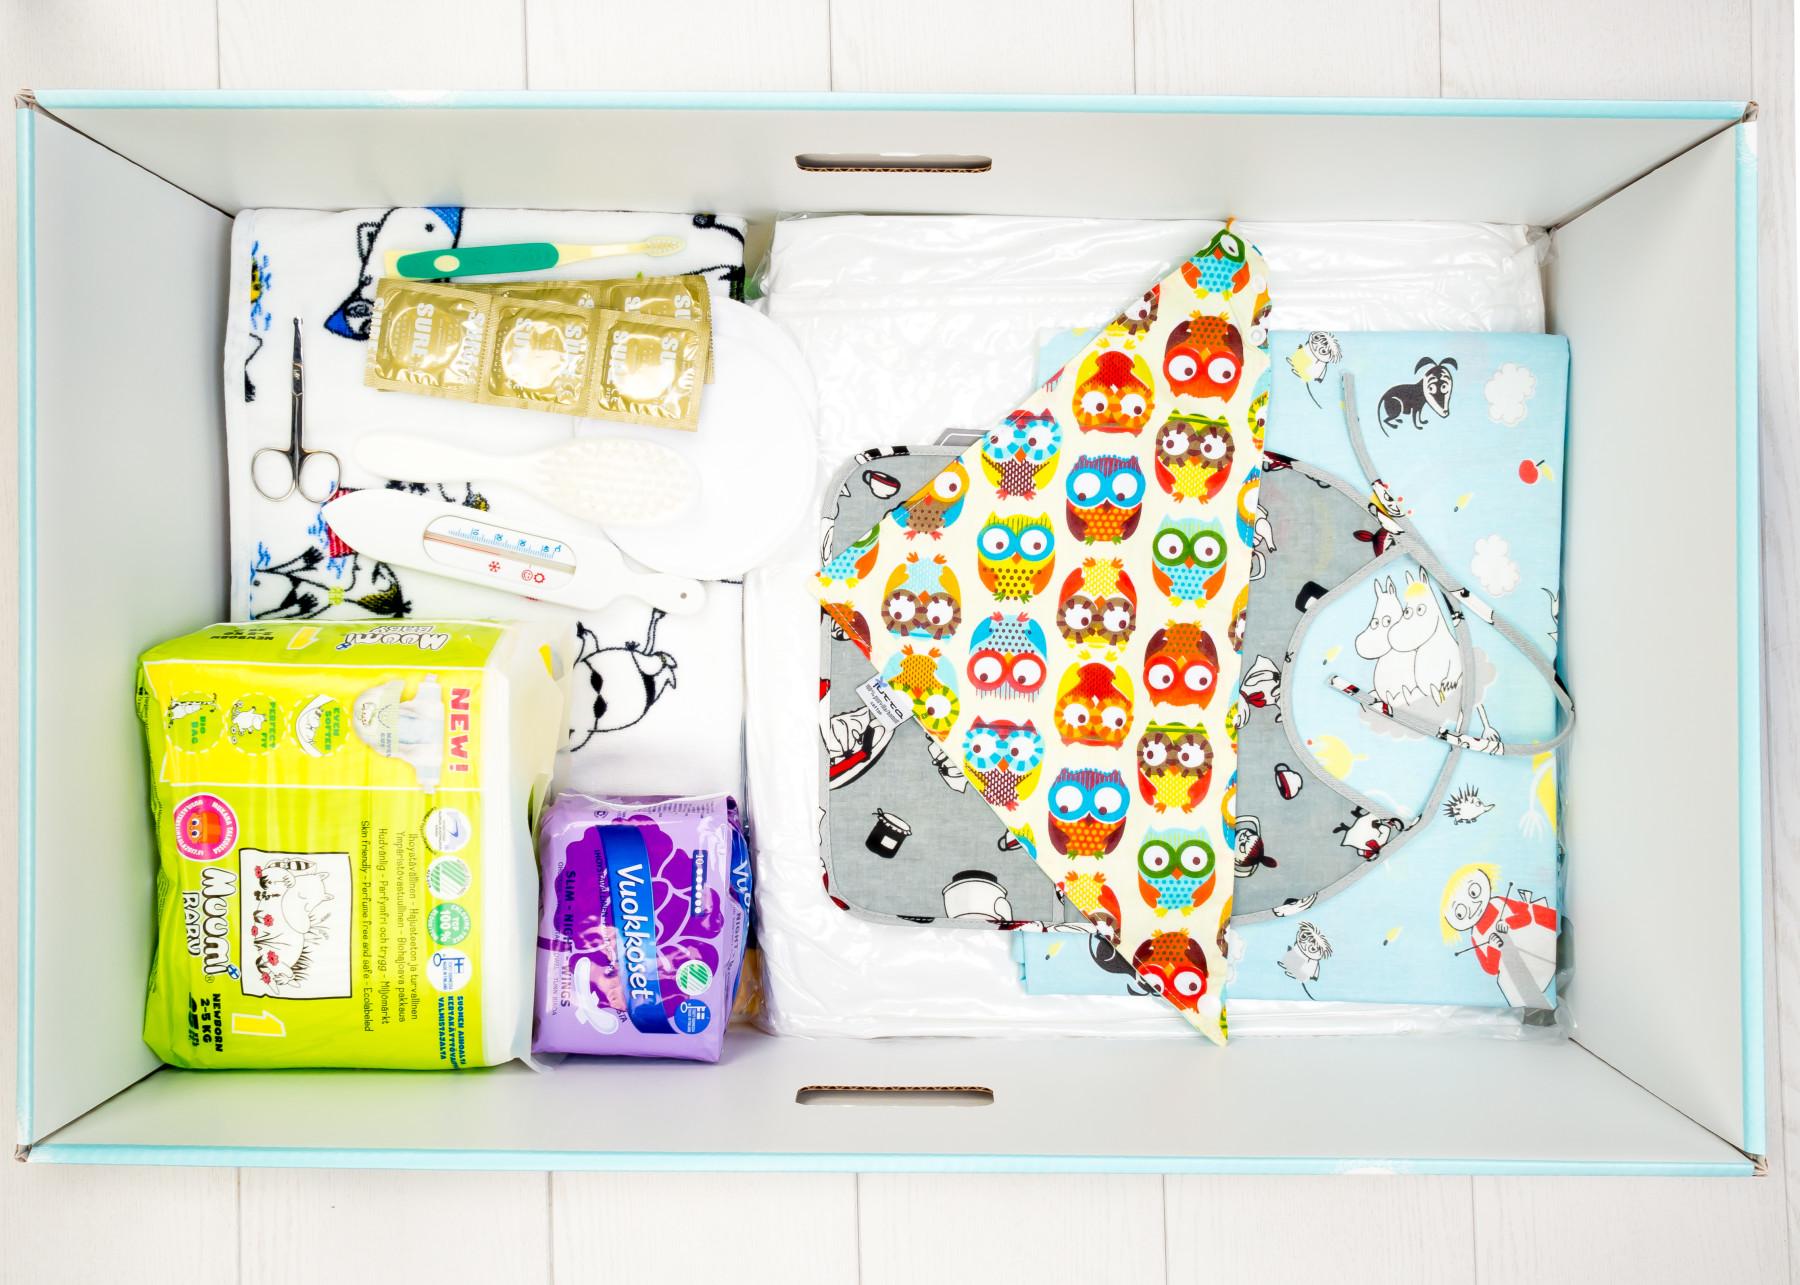 A caixa para bebês inclui, entre outras coisas, roupas, saco de dormir, lençóis, cortador de unhas, termômetro, fraldas reutilizáveis, profiláticos e um anel de dentição. Tanto a caixa para bebês quanto o pacote maternidade original também incluem preservativos.